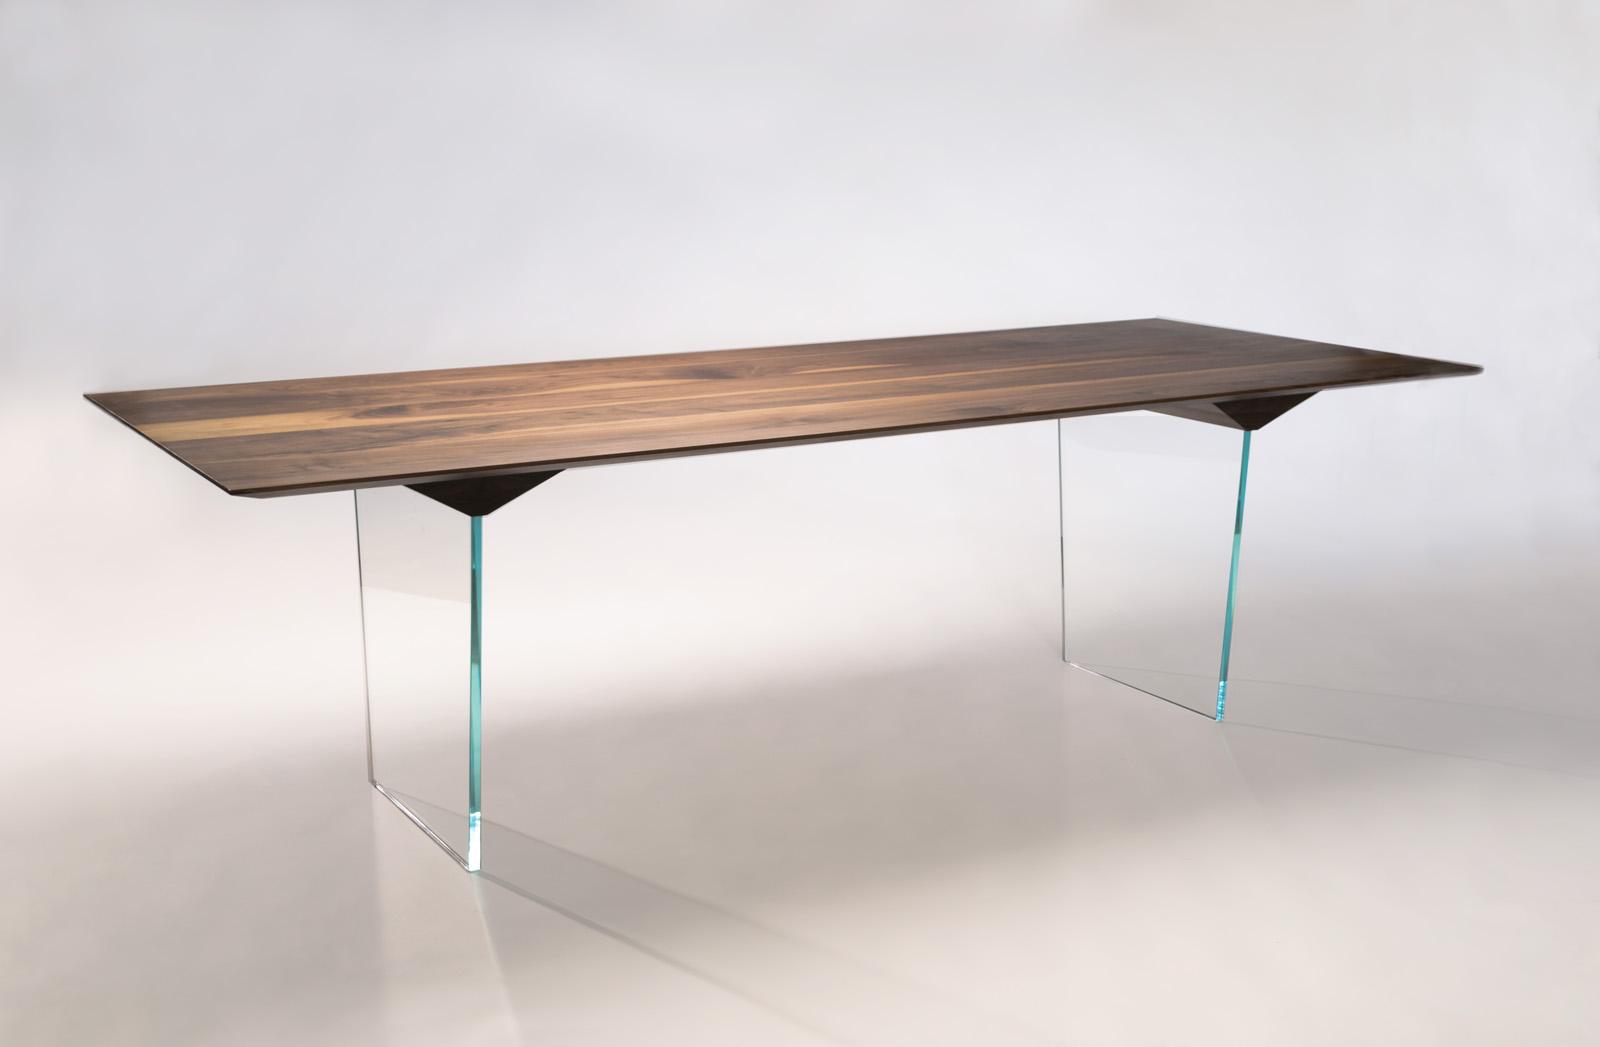 sk table walnut_fixed.jpg